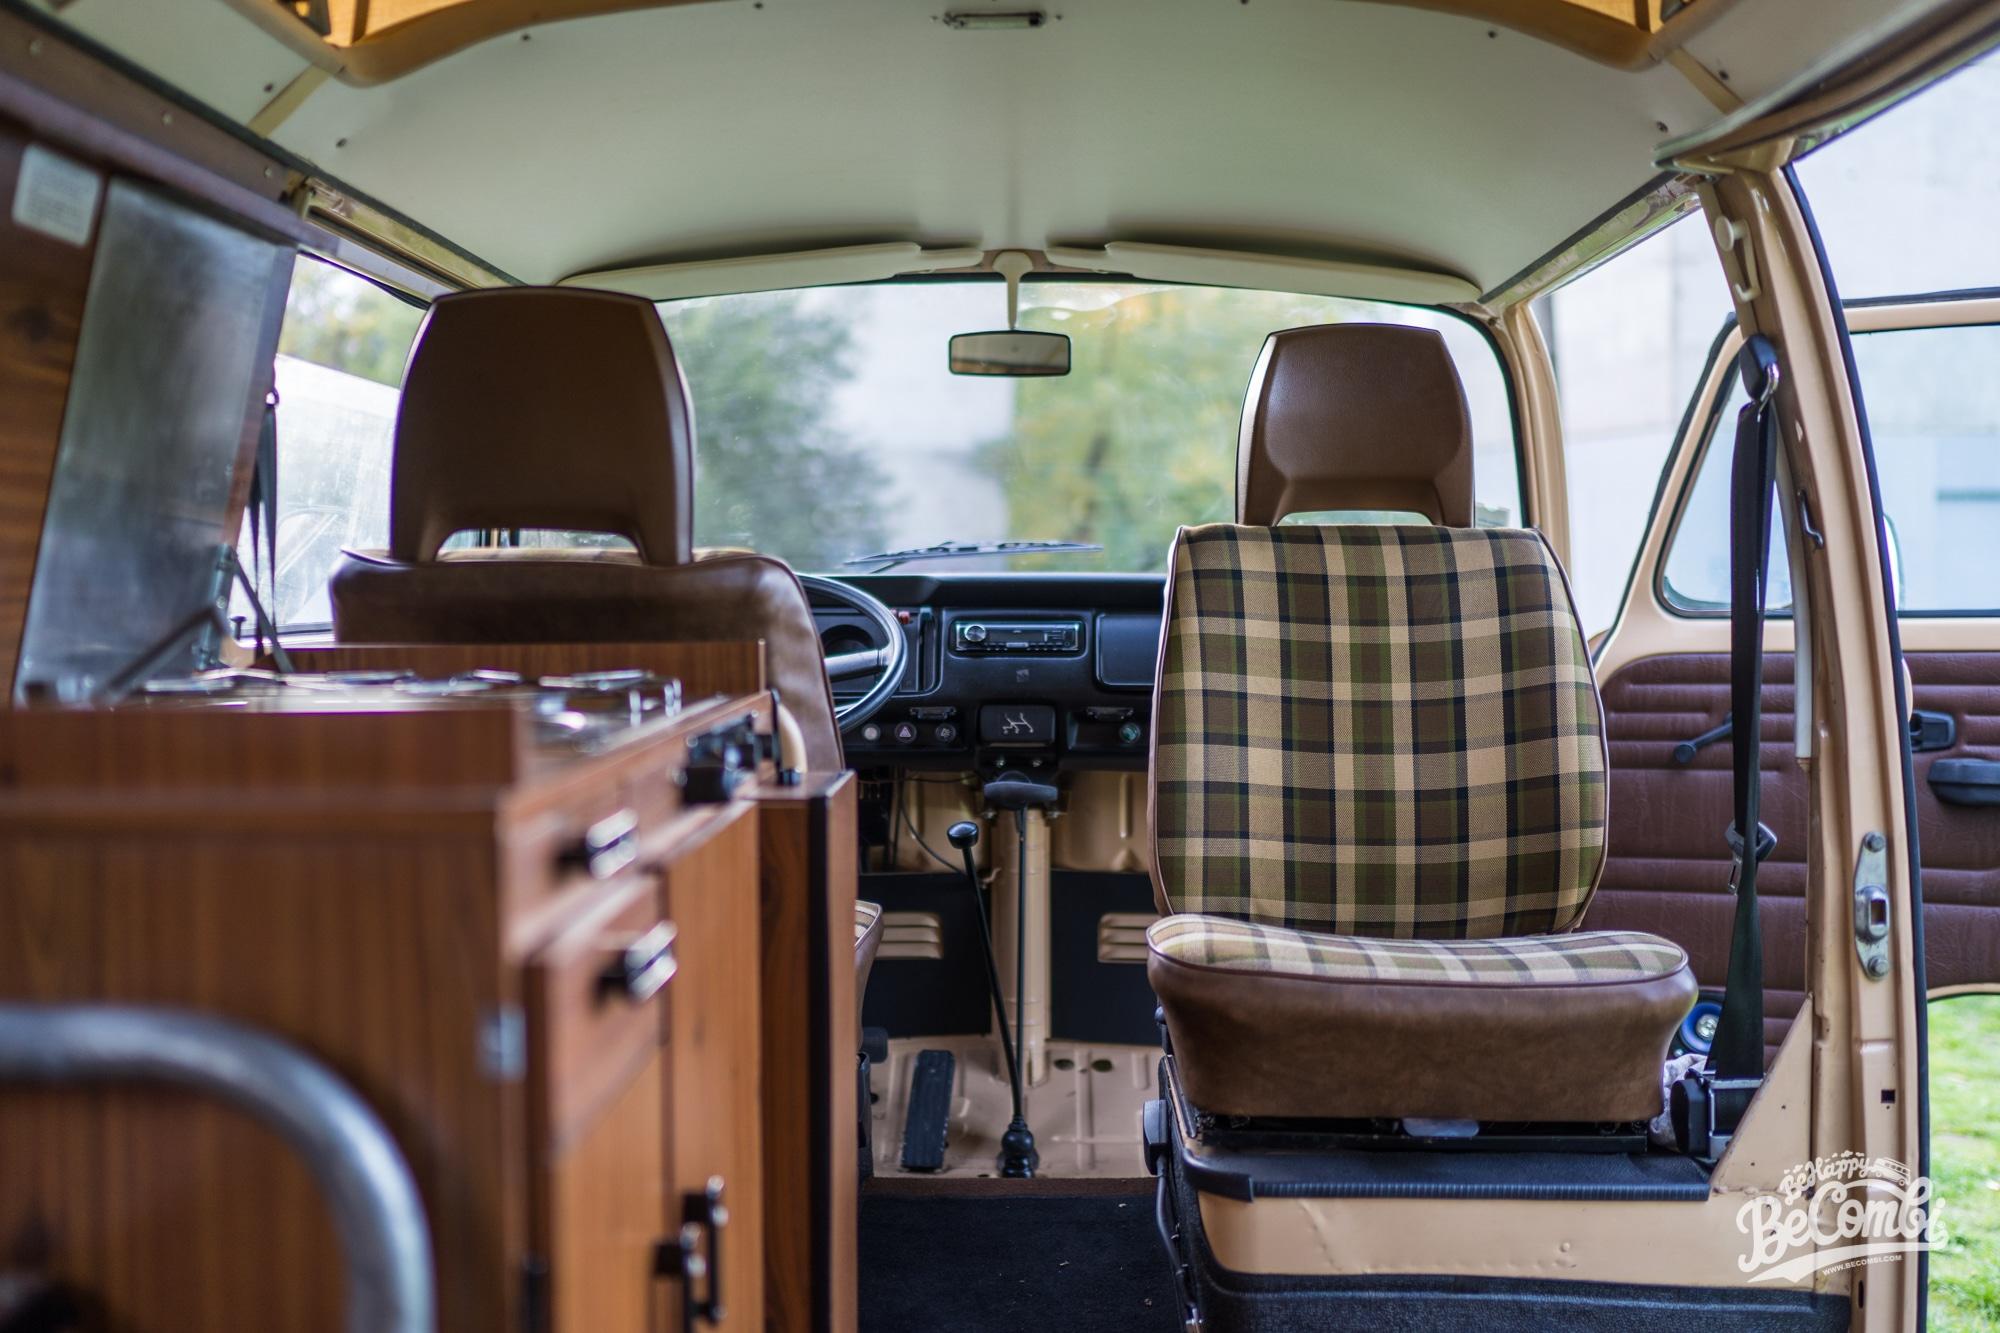 VW Combi Berlin - Schmecko - BeCombi-18